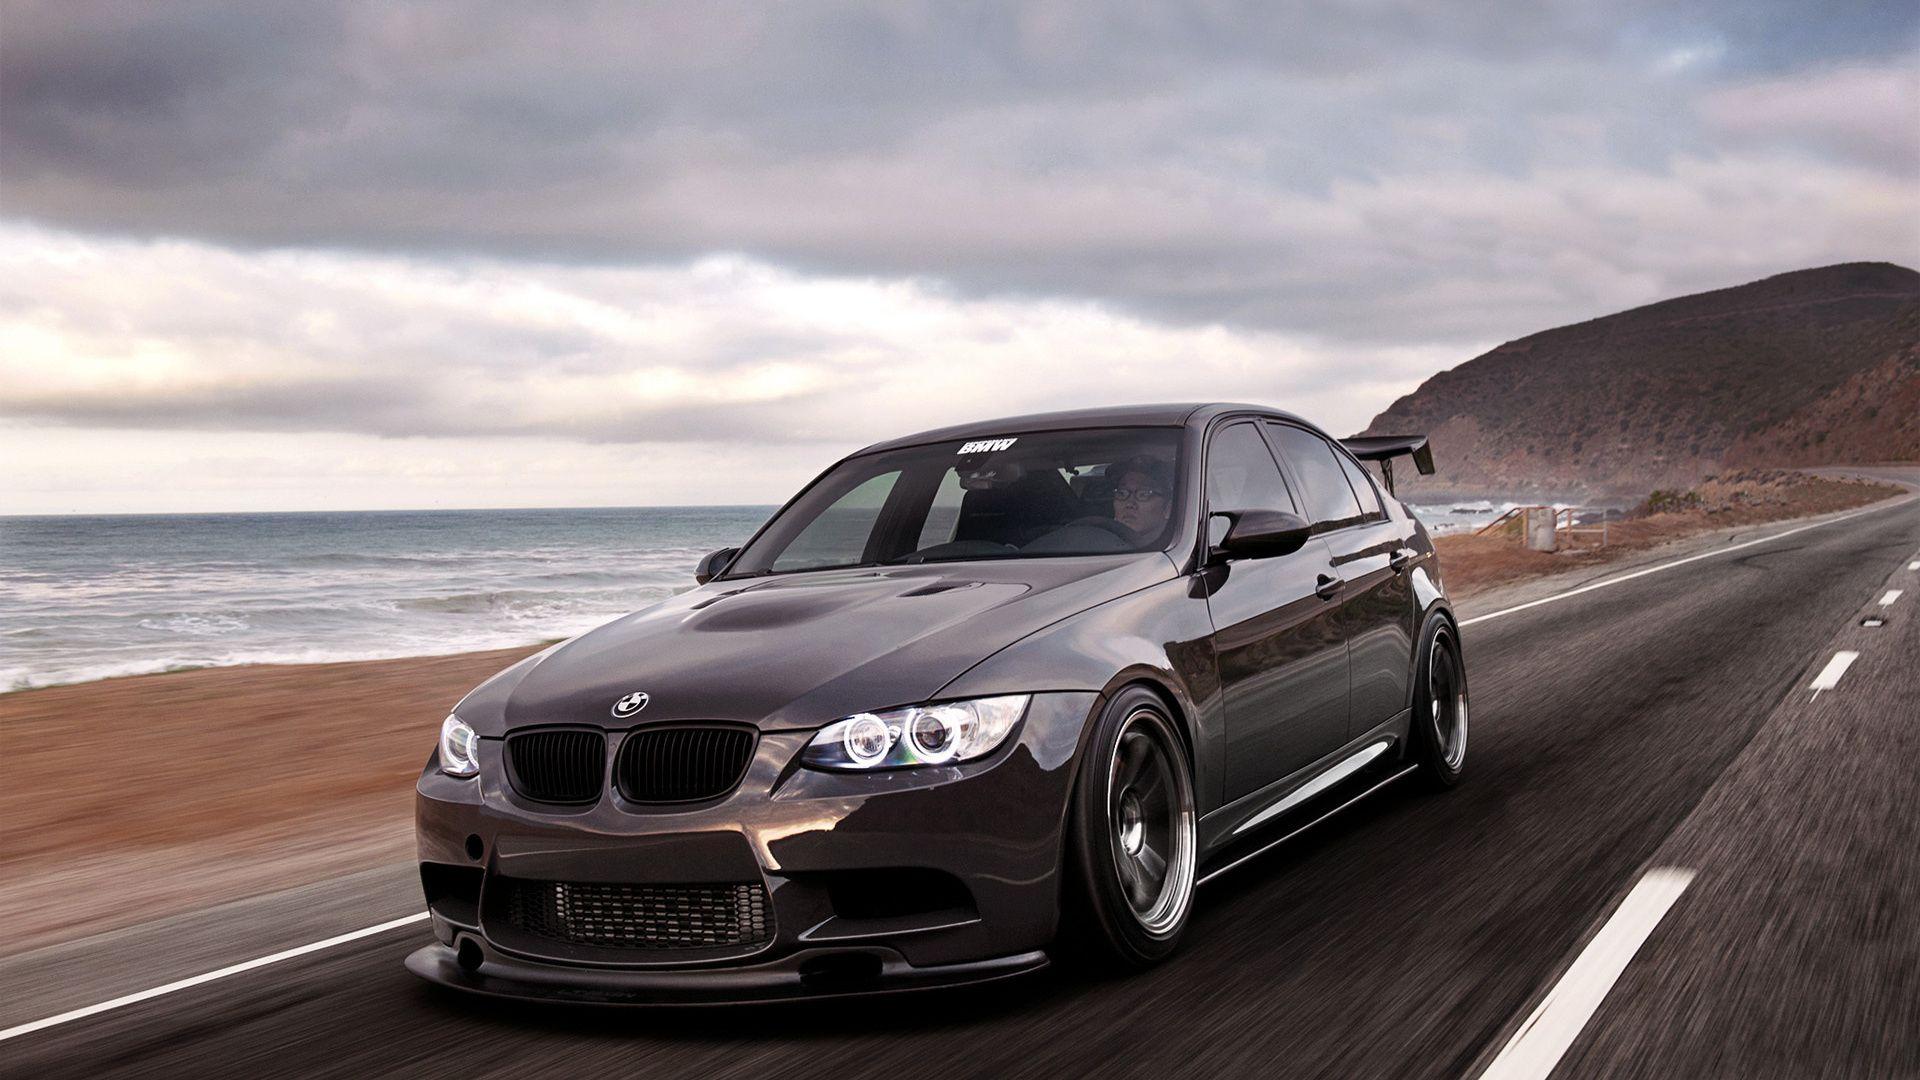 BMW E90 Wallpaper 27 - 1920x1080